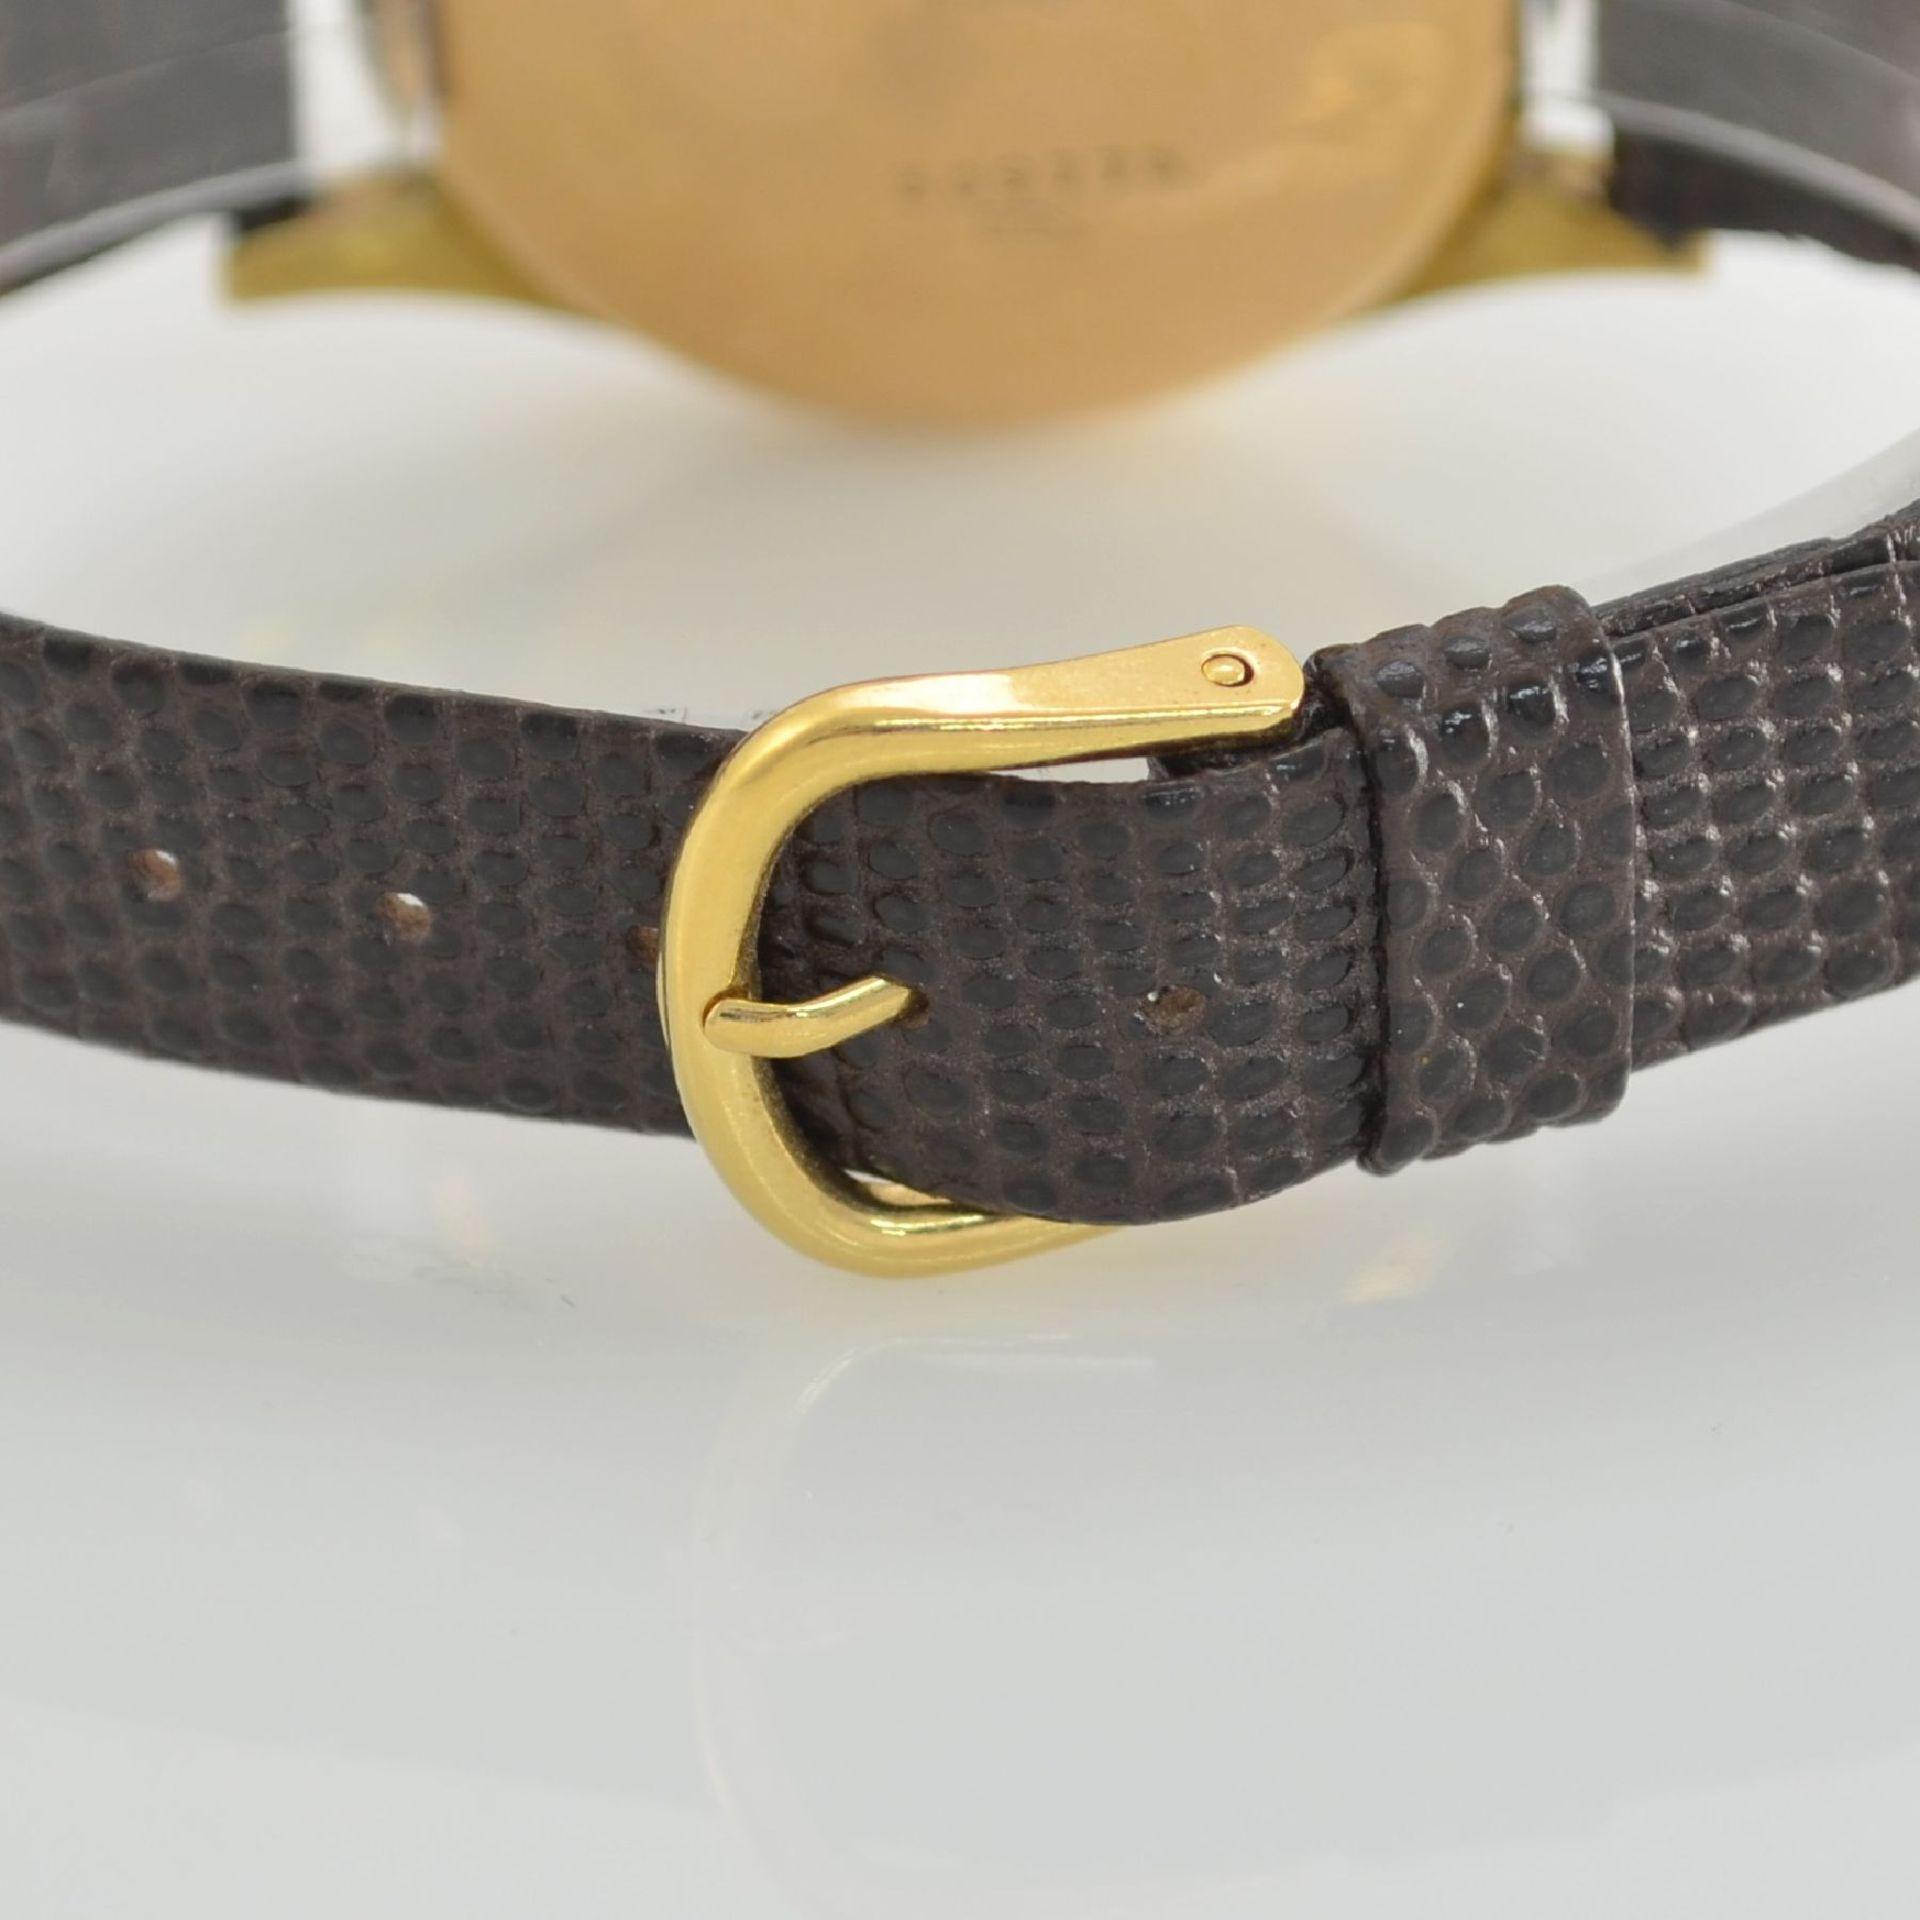 JOLUS Armbandchronograph in RoseG 750/000, Handaufzug, Schweiz um 1948, Boden & verg. Glasrand - Bild 6 aus 8